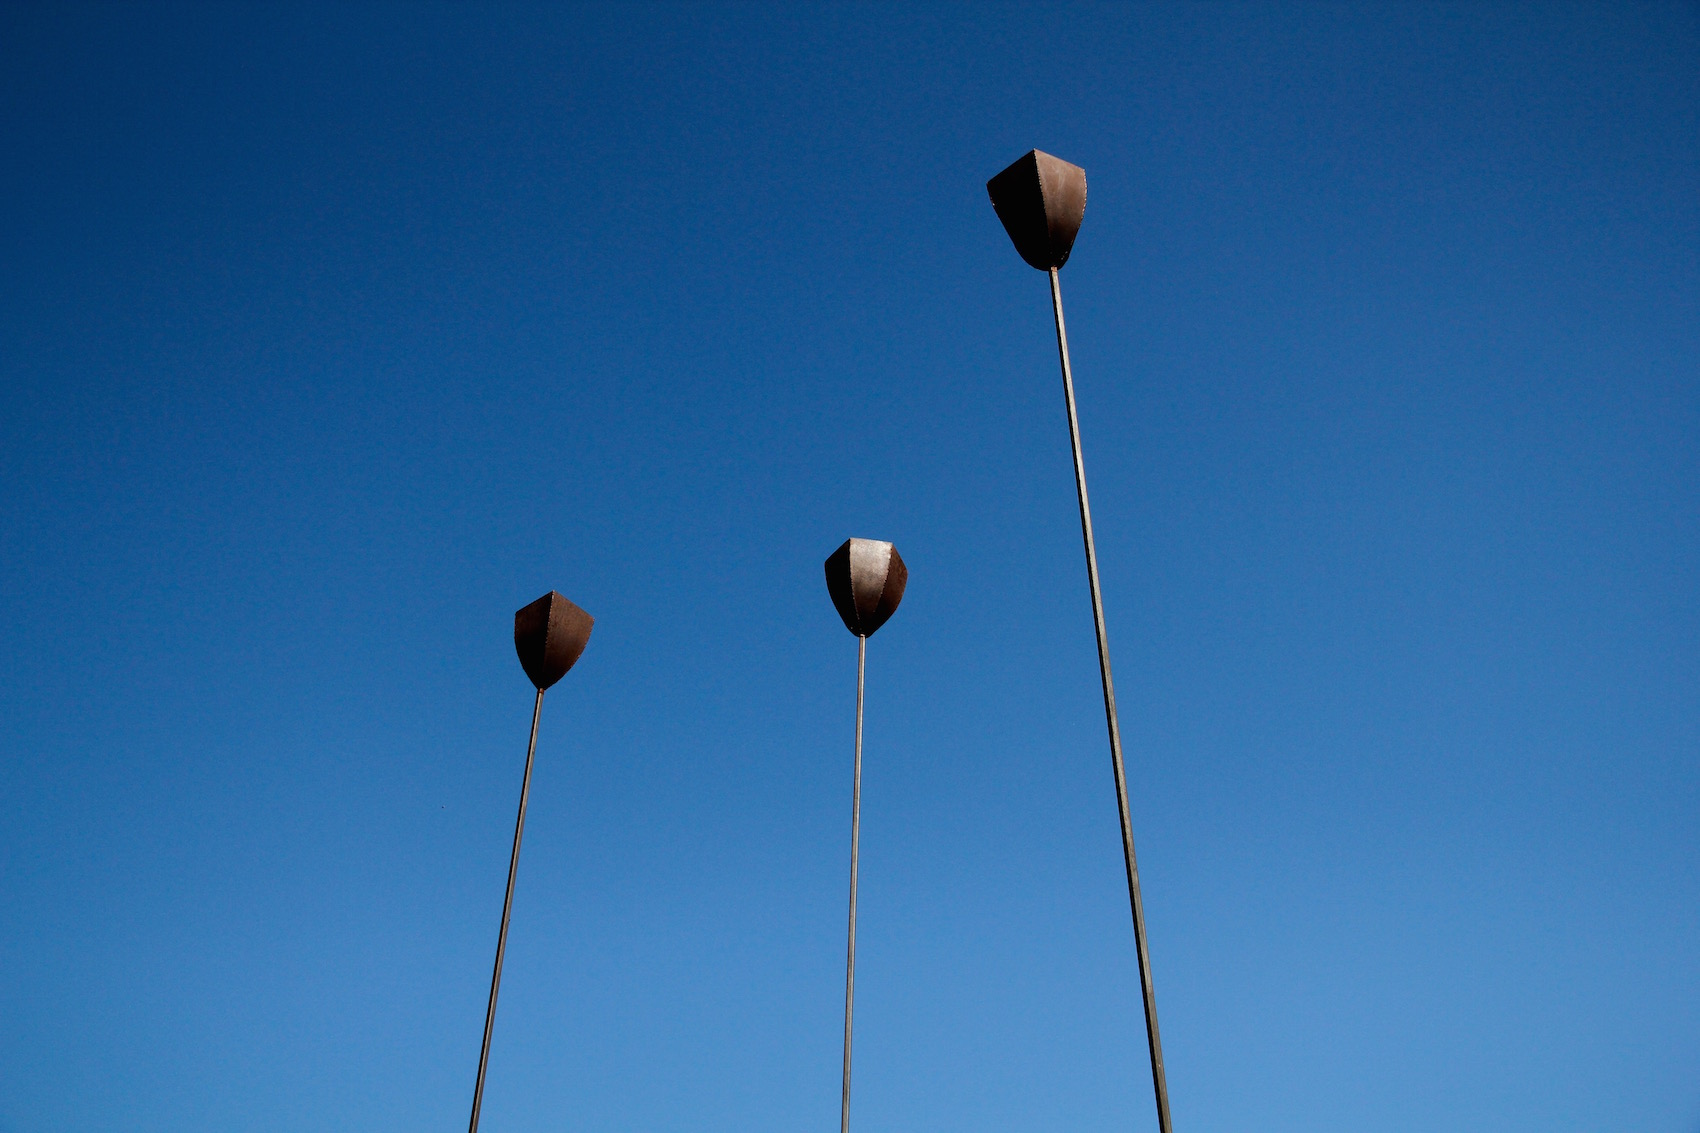 drei riesige stählerne Mohnblumen